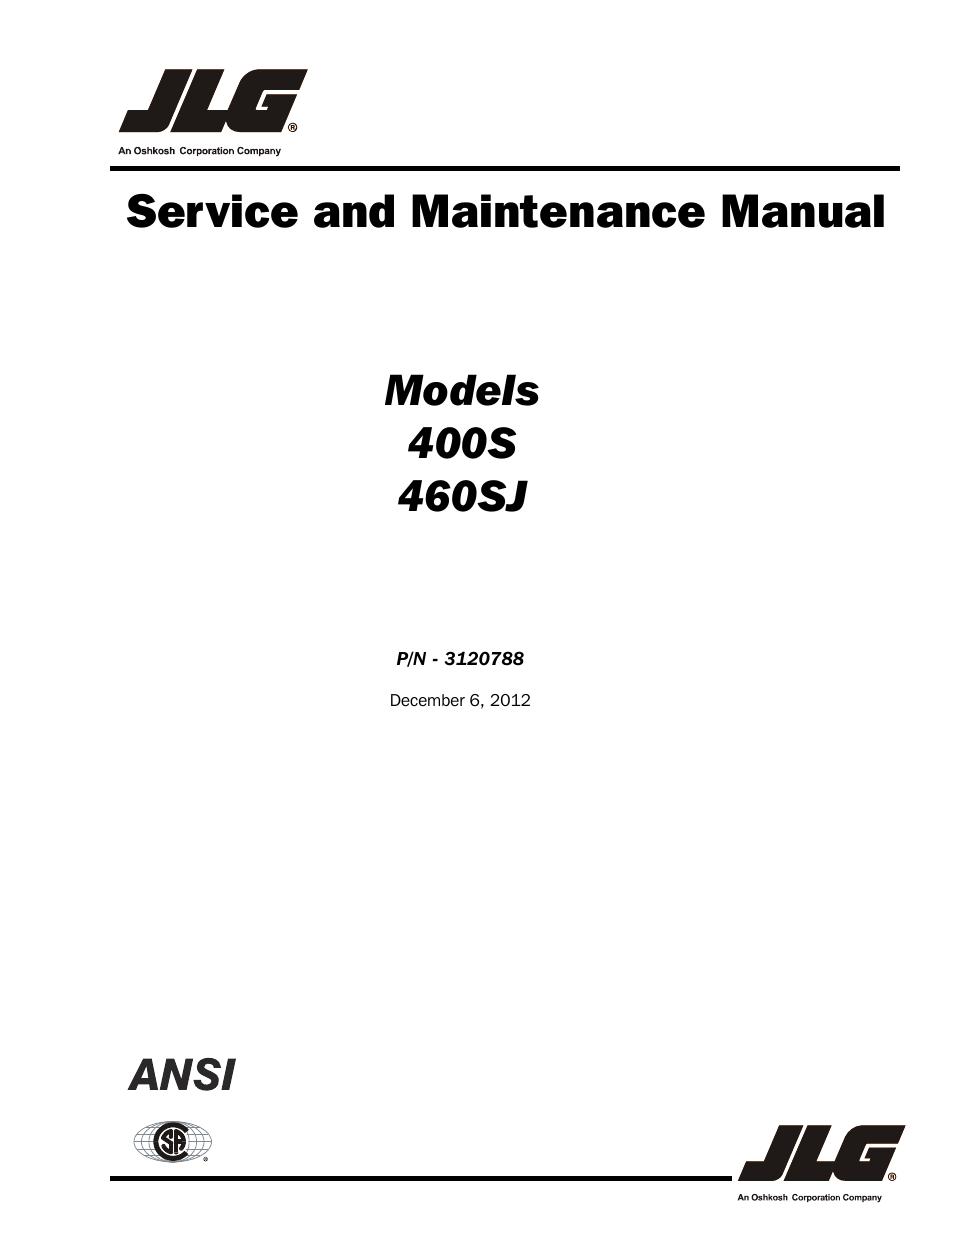 Ansi Manuals Auto Electrical Wiring Diagram Tps 2003 Rav4 Manual J Pdf